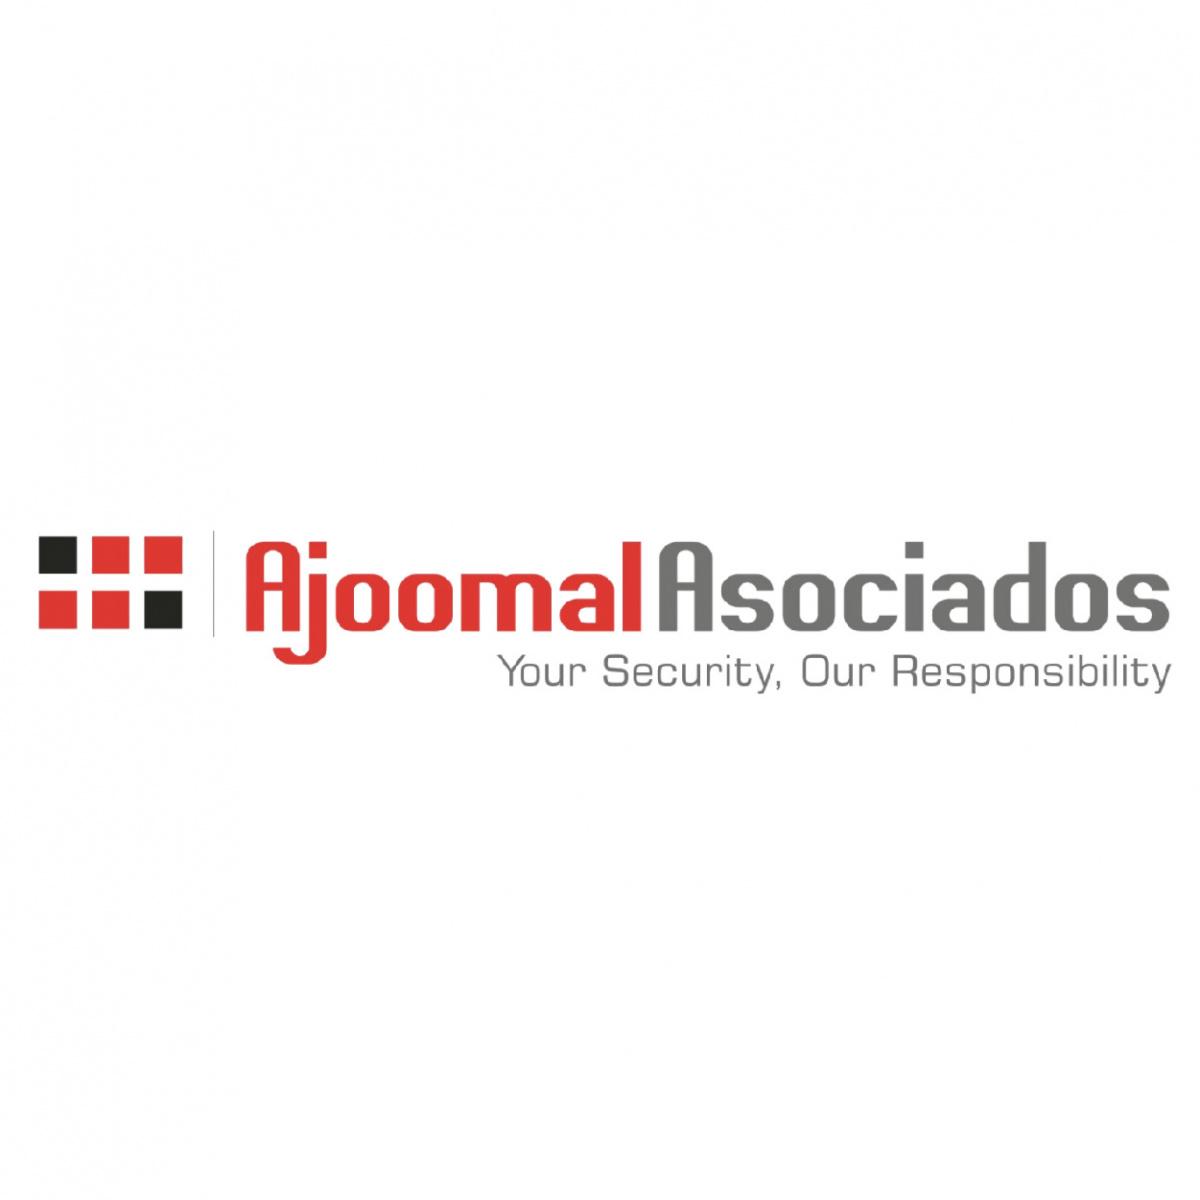 SecureAge Partner Ajoomal Asociados